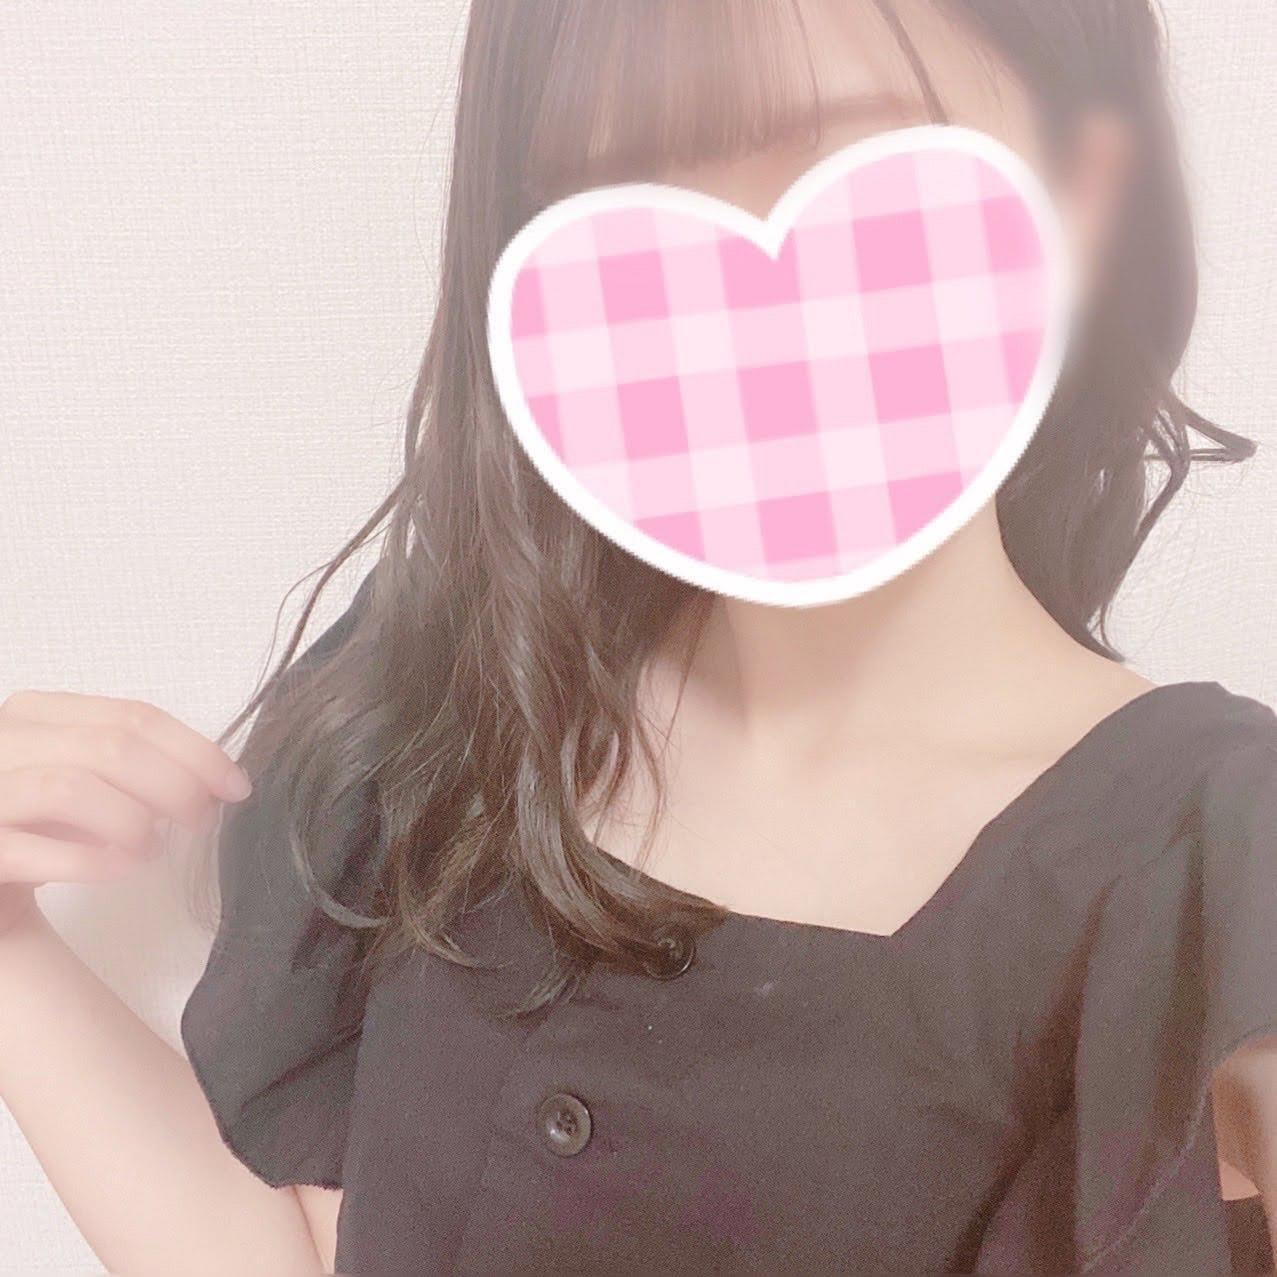 「このあと!」08/14(金) 17:49   あずさちゃんの写メ・風俗動画